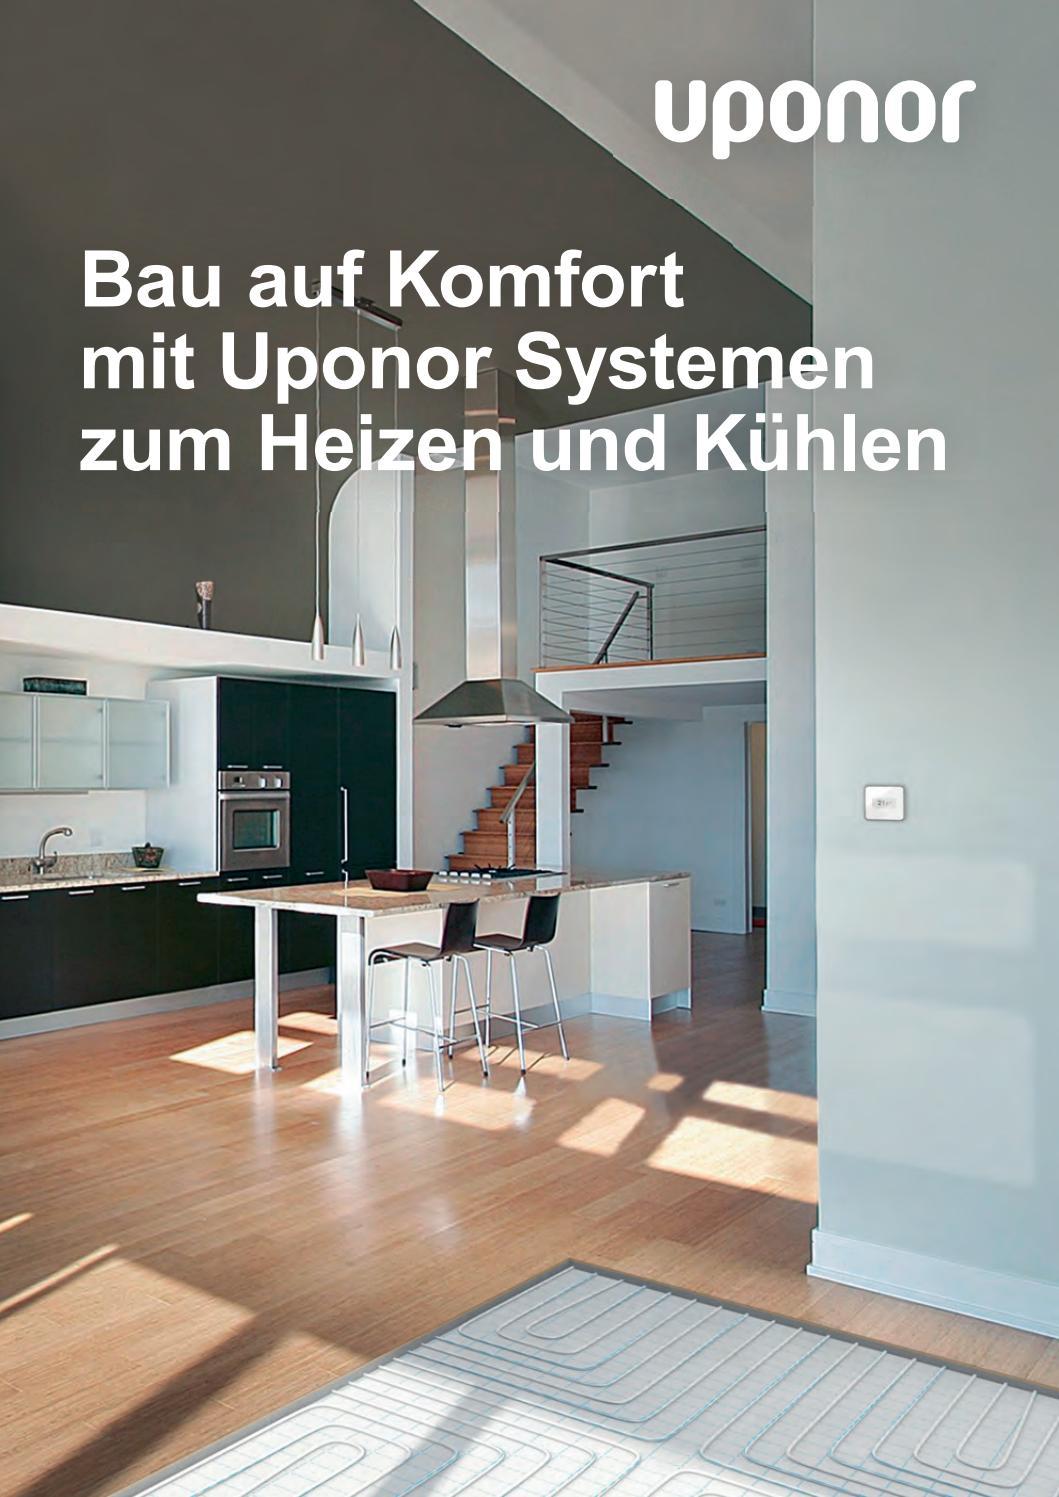 Uponor system broschuere heizen kuehlen comfort 1089167 de by Uponor ...